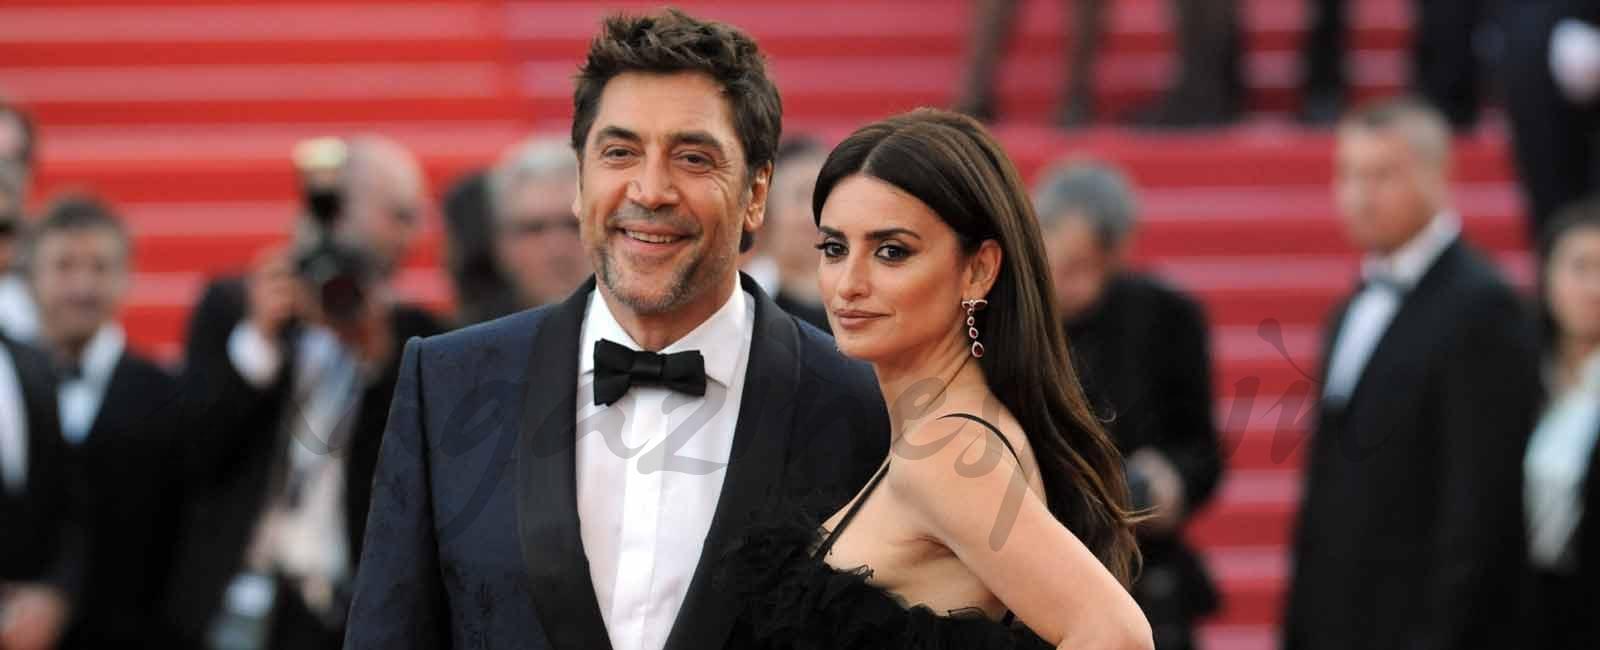 Penélope Cruz y Javier Bardem conquistan la alfombra roja de Cannes